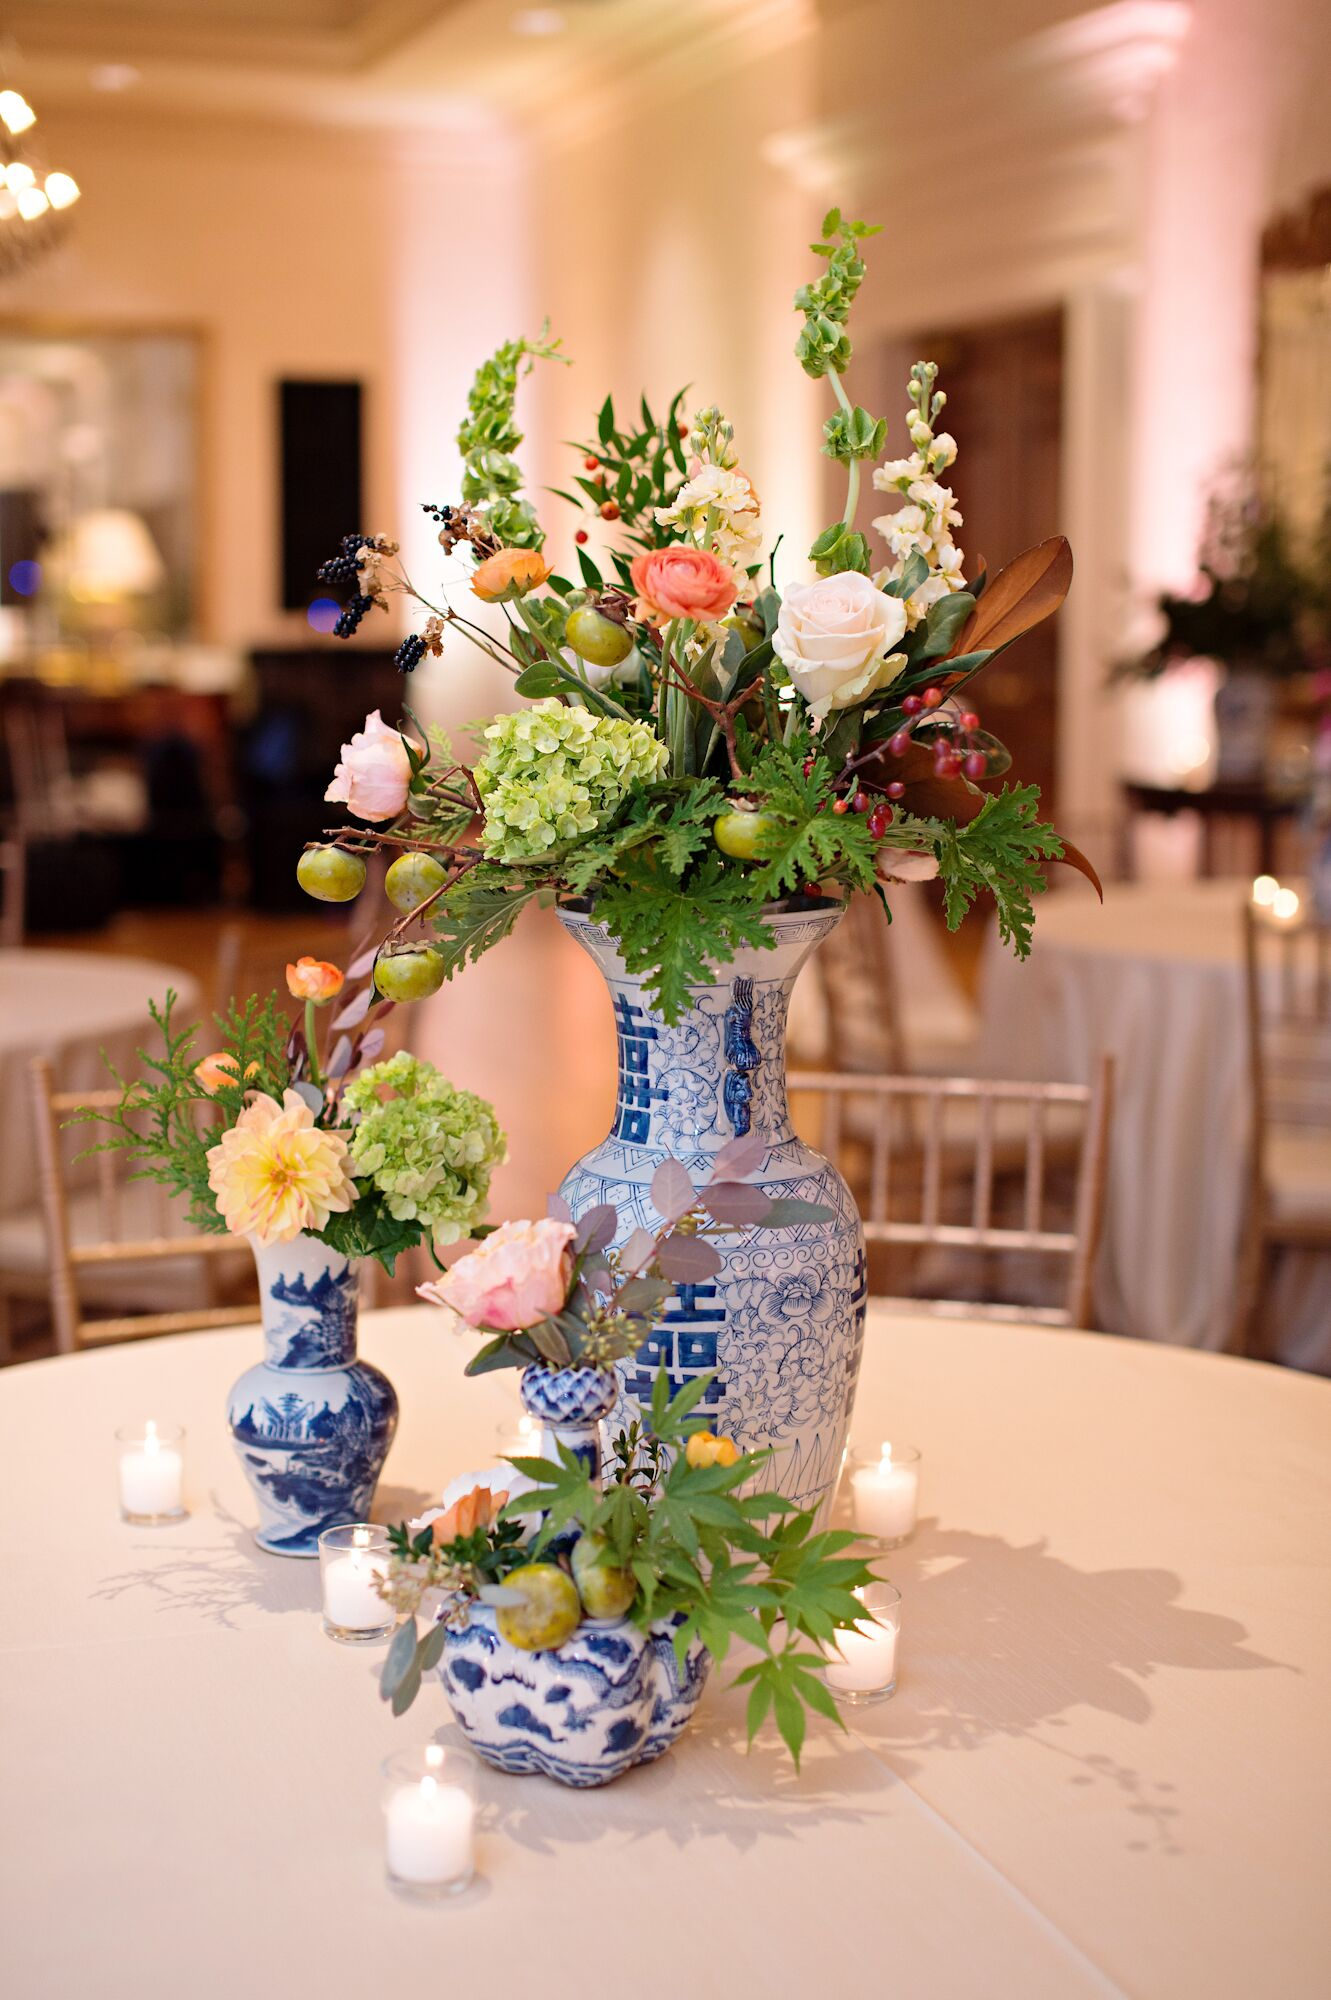 Blue and white porcelain vase centerpieces